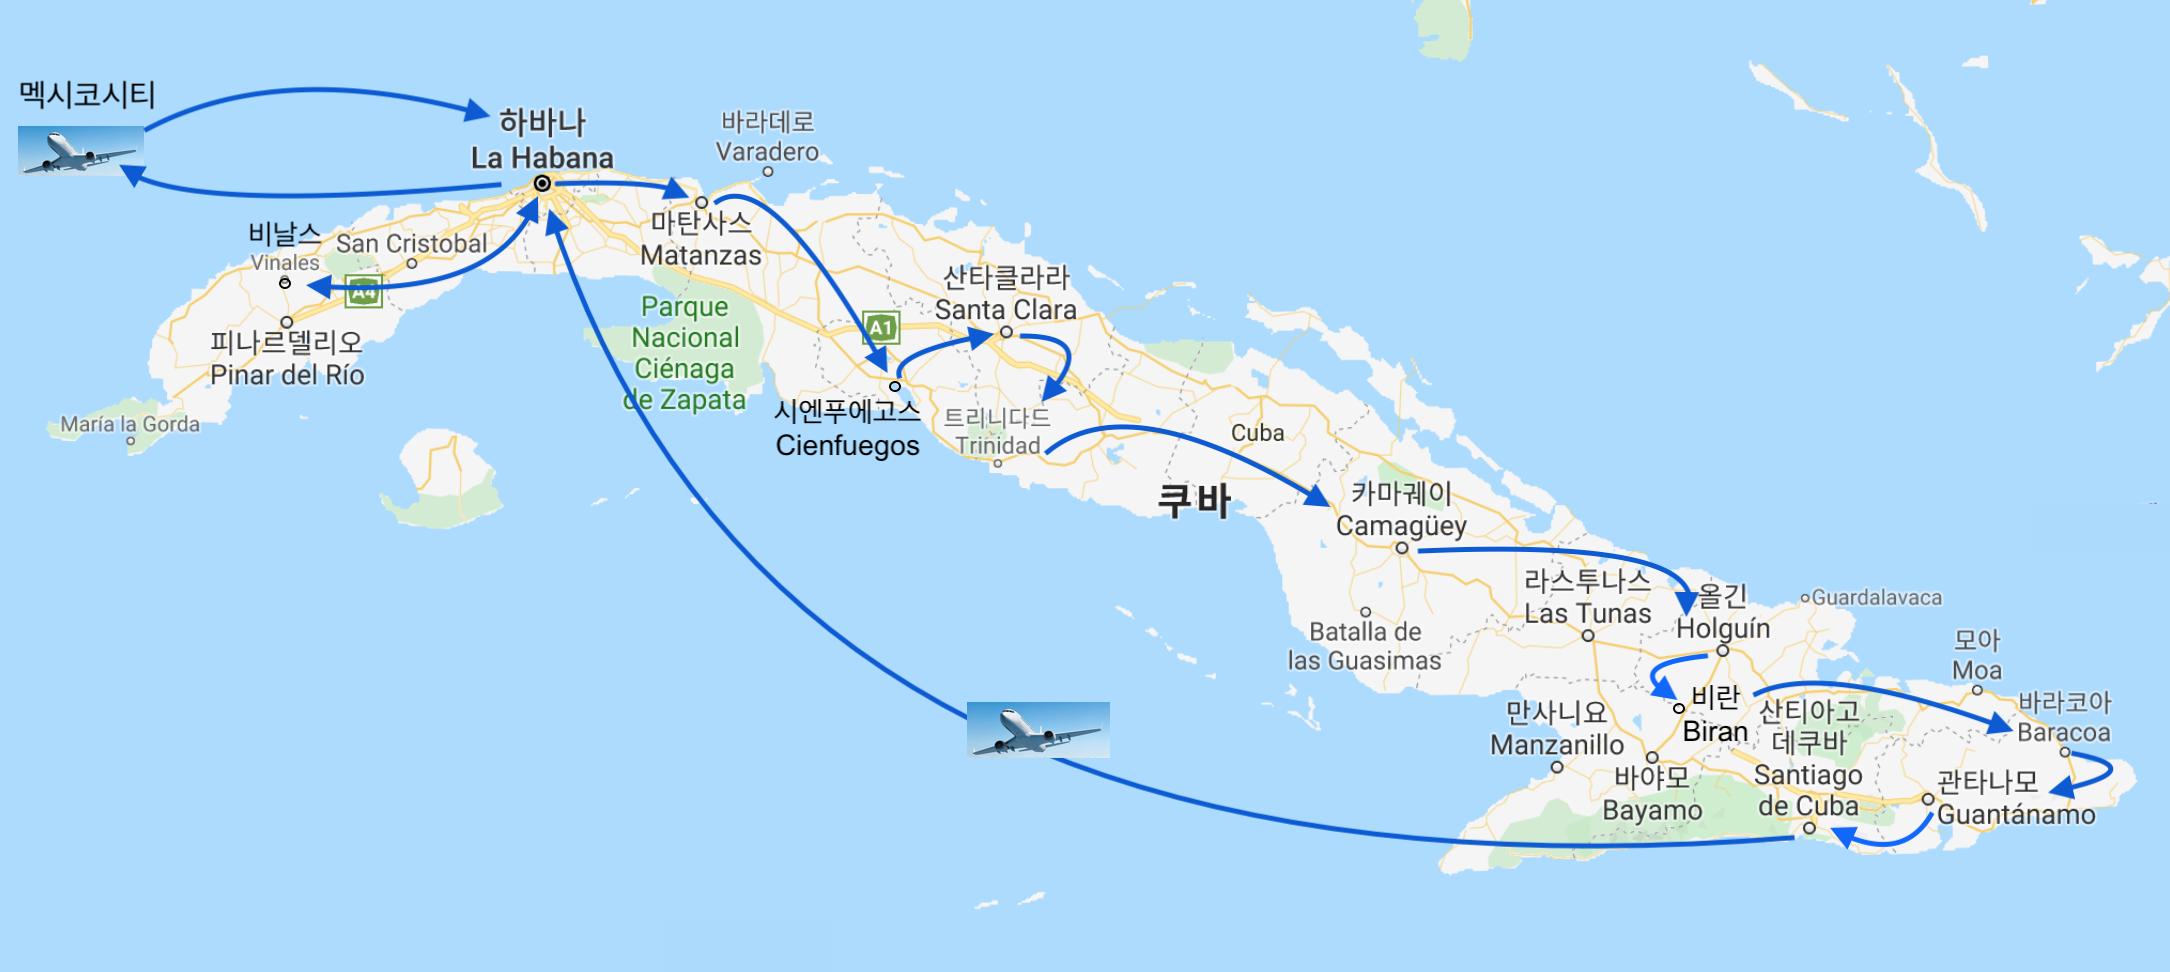 Cuba Tour Map.png